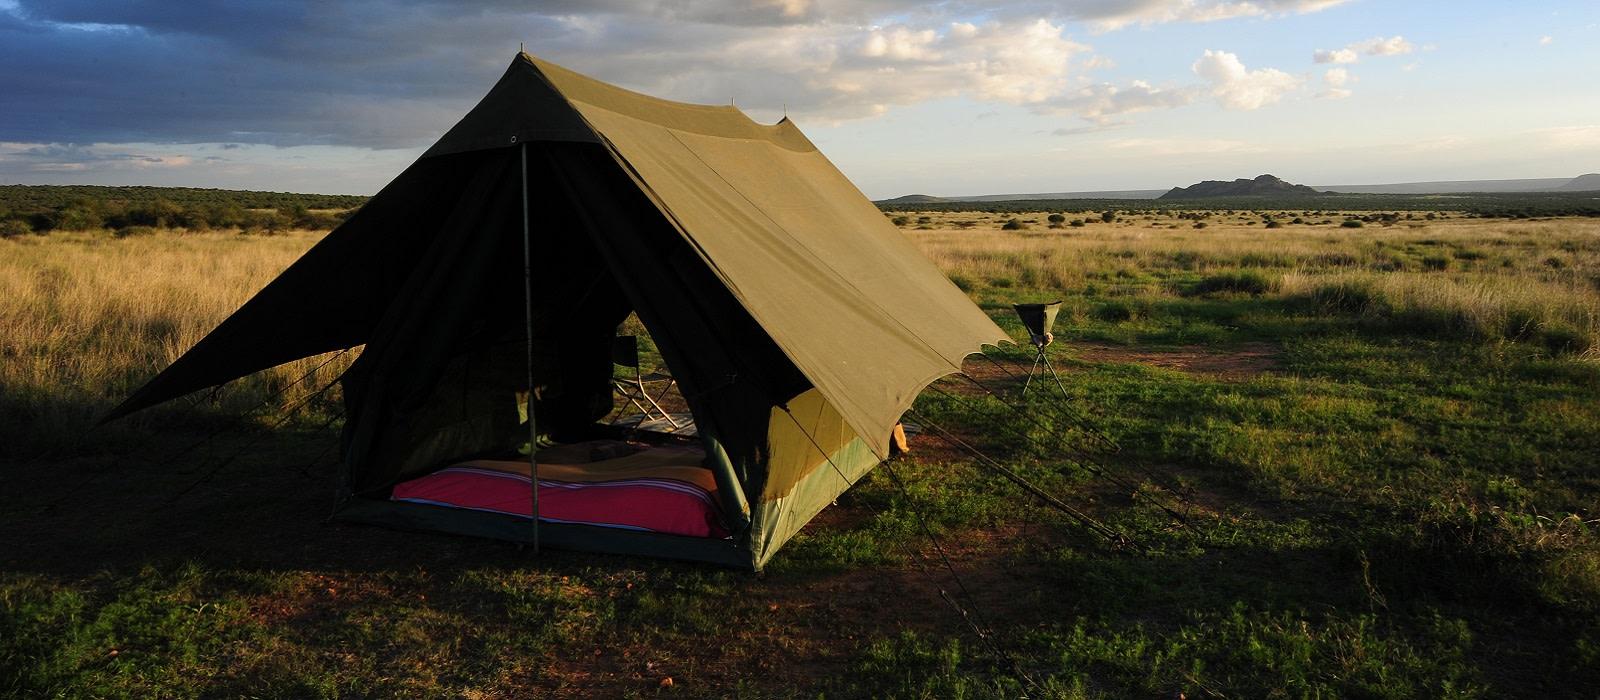 Hotel Karisia Klassiches Busch Camp Kenia